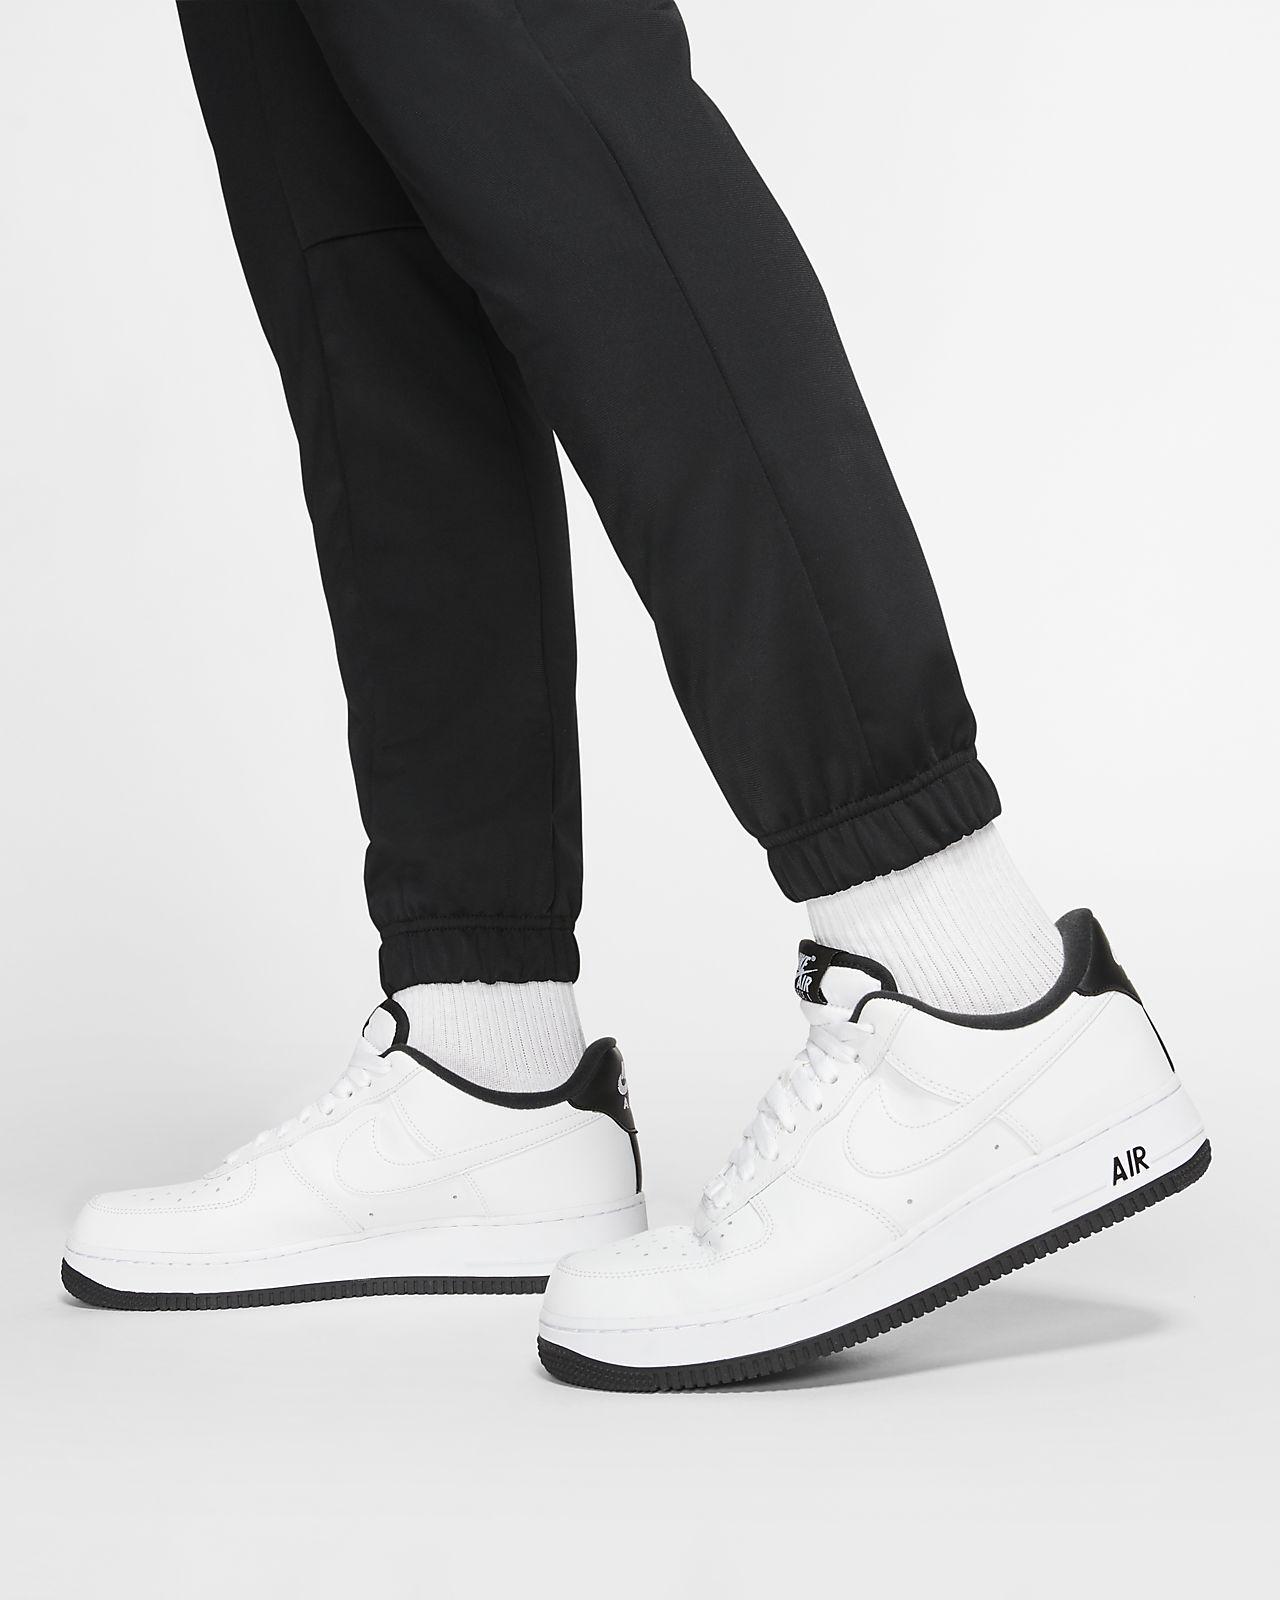 Nike Sportswear Chándal - Hombre